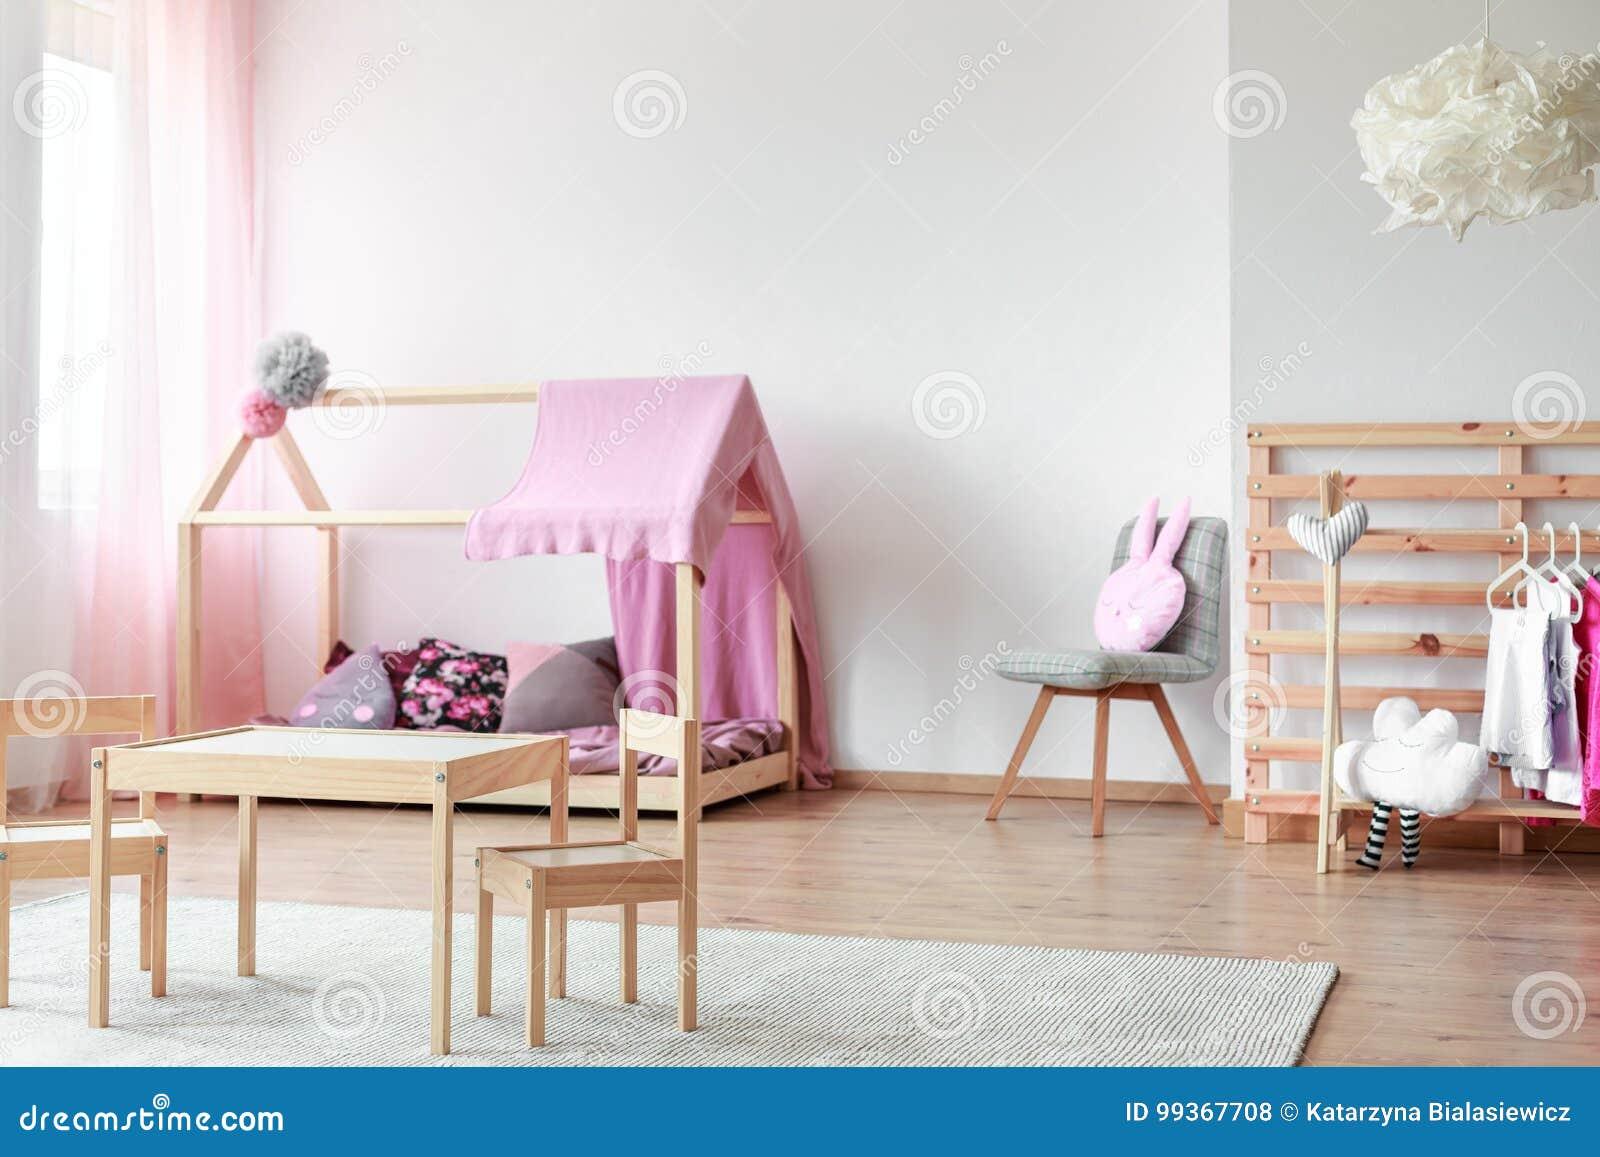 Skandinavisches Artmädchen S Schlafzimmer Stockfoto Bild Von